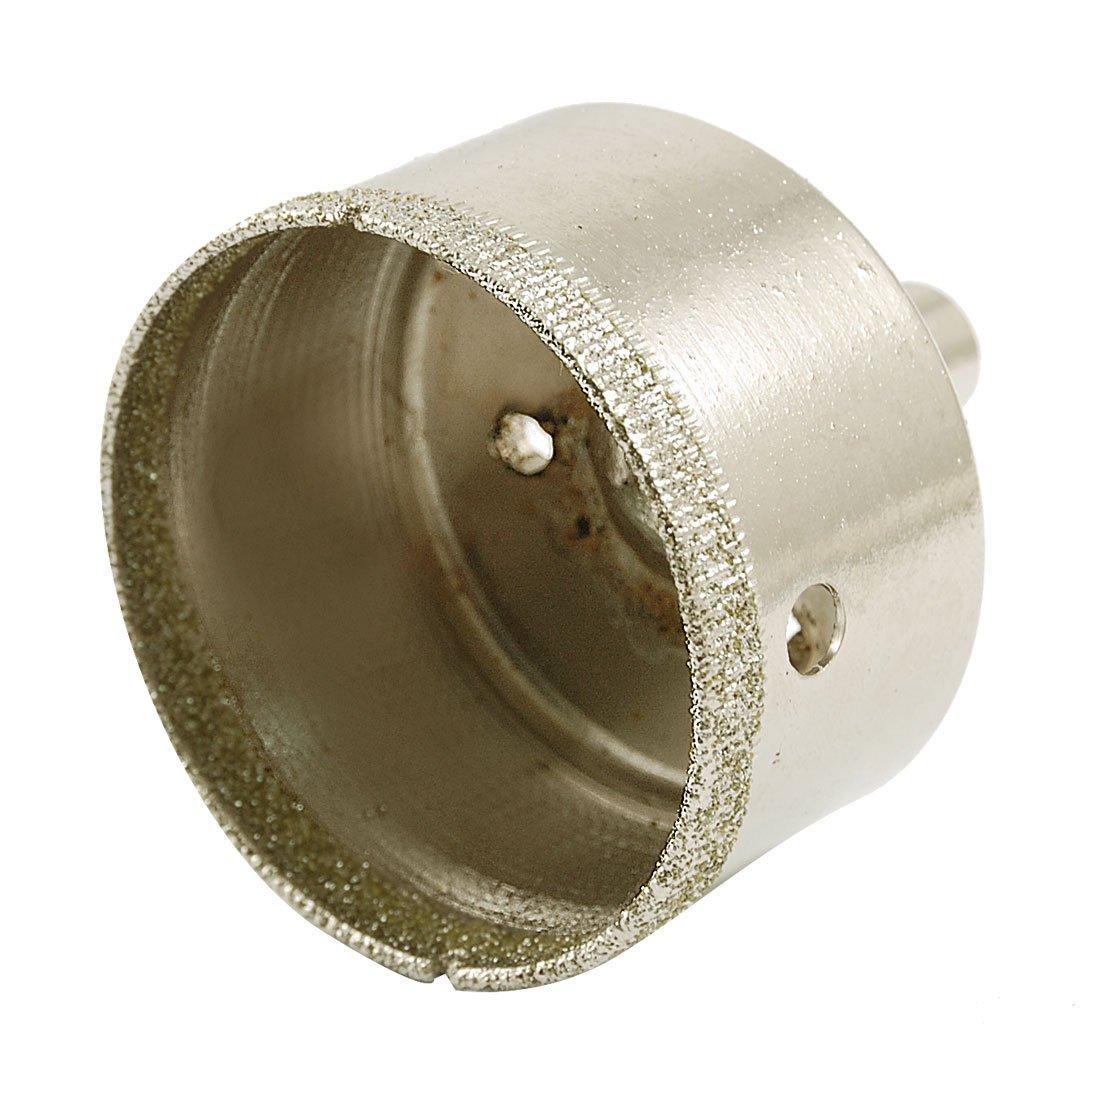 Punta per trapano,sega a tazza diamantata per ceramica,vetro e piastrelle,diametro 50mm